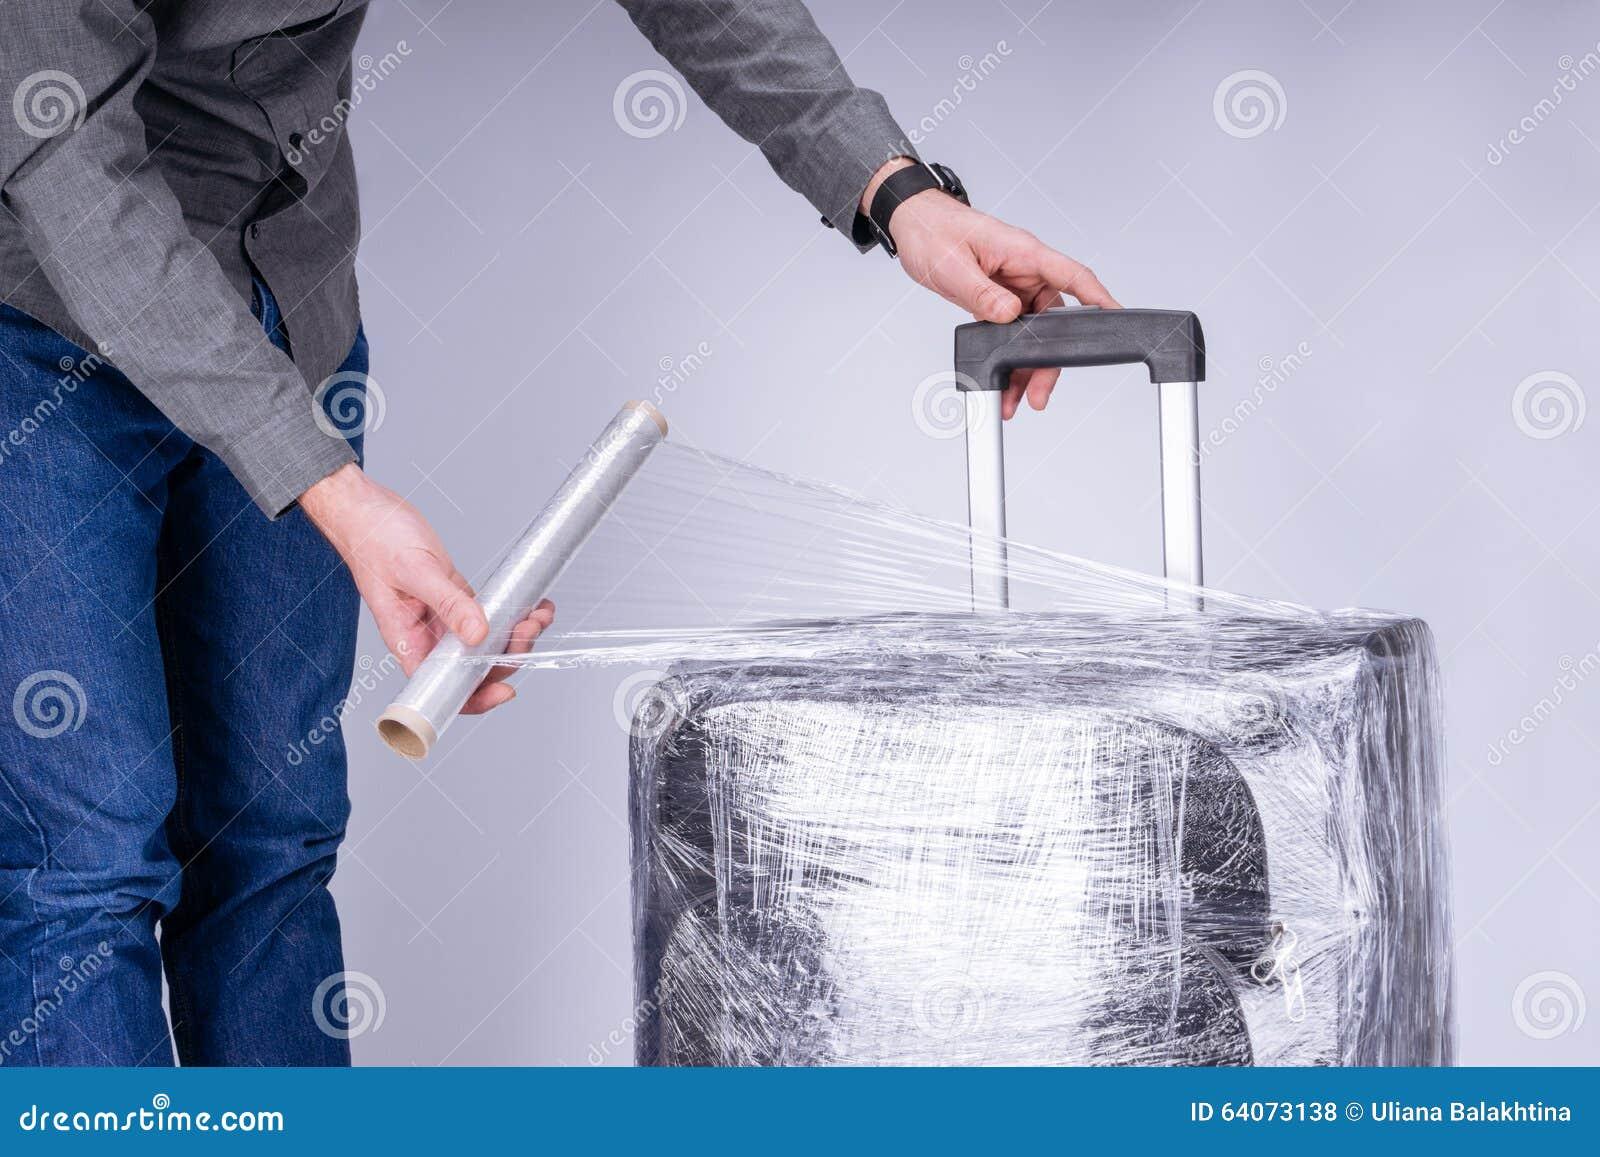 人包裹手提箱保护胶卷